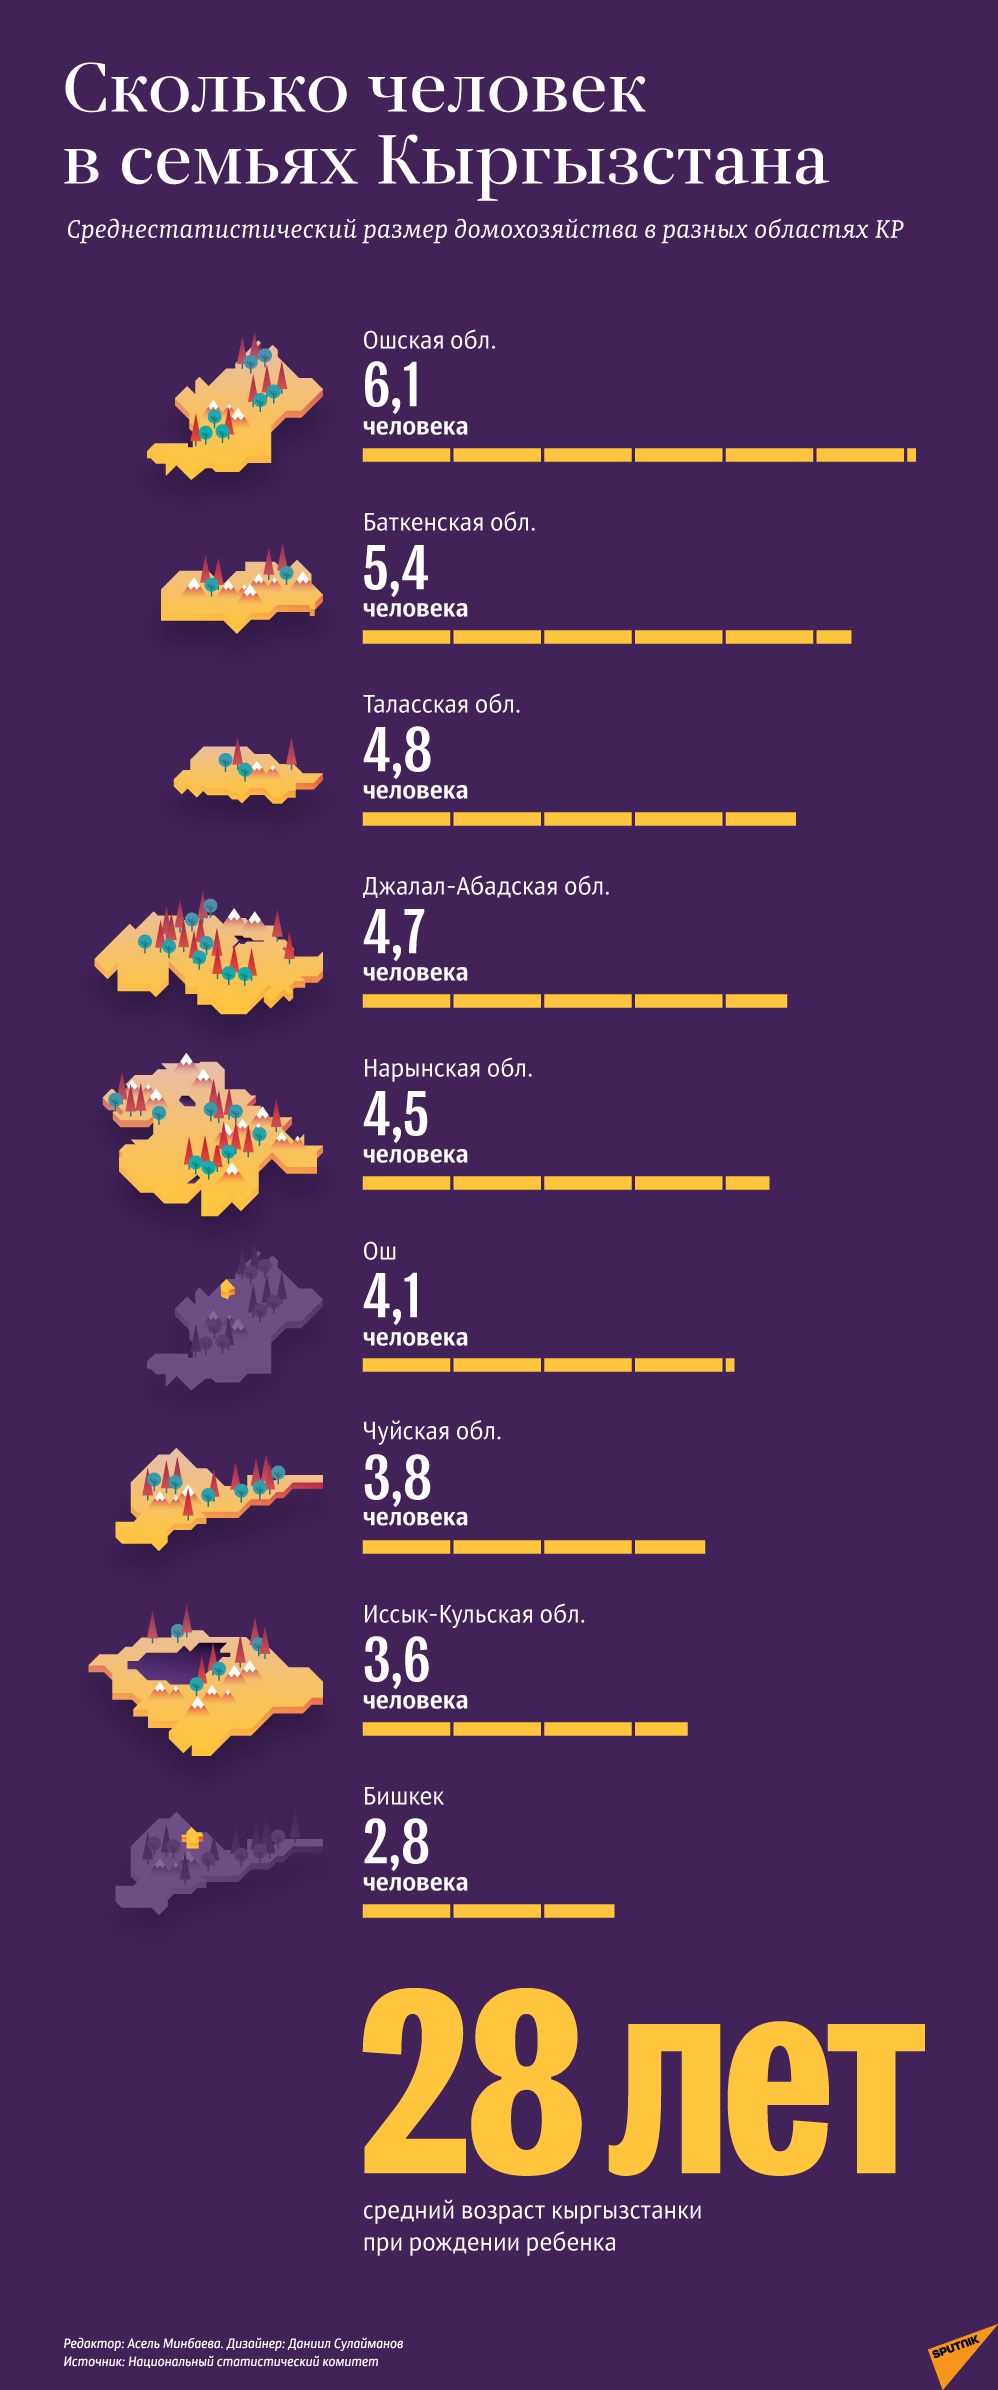 Сколько человек в семьях Кыргызстана